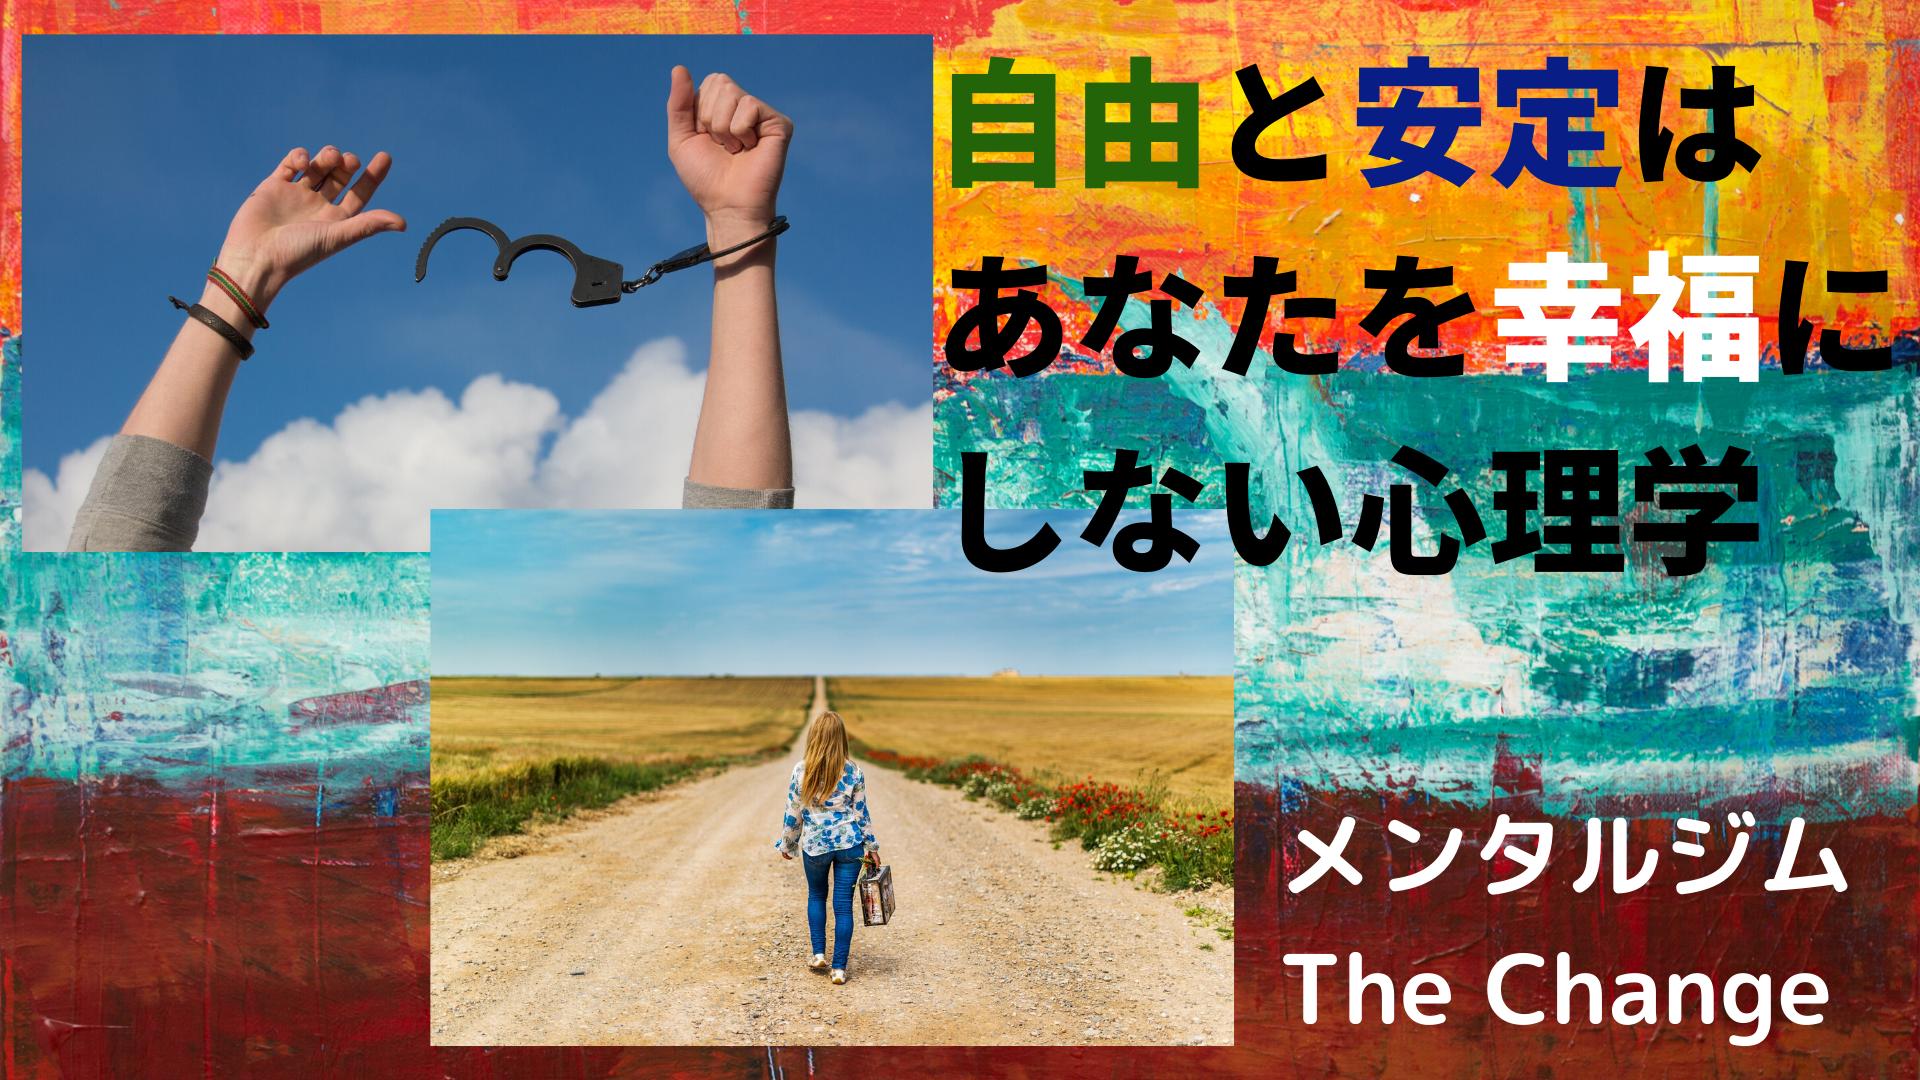 自由と安定はあなたを幸福にしない心理学 メンタルジムThe Change